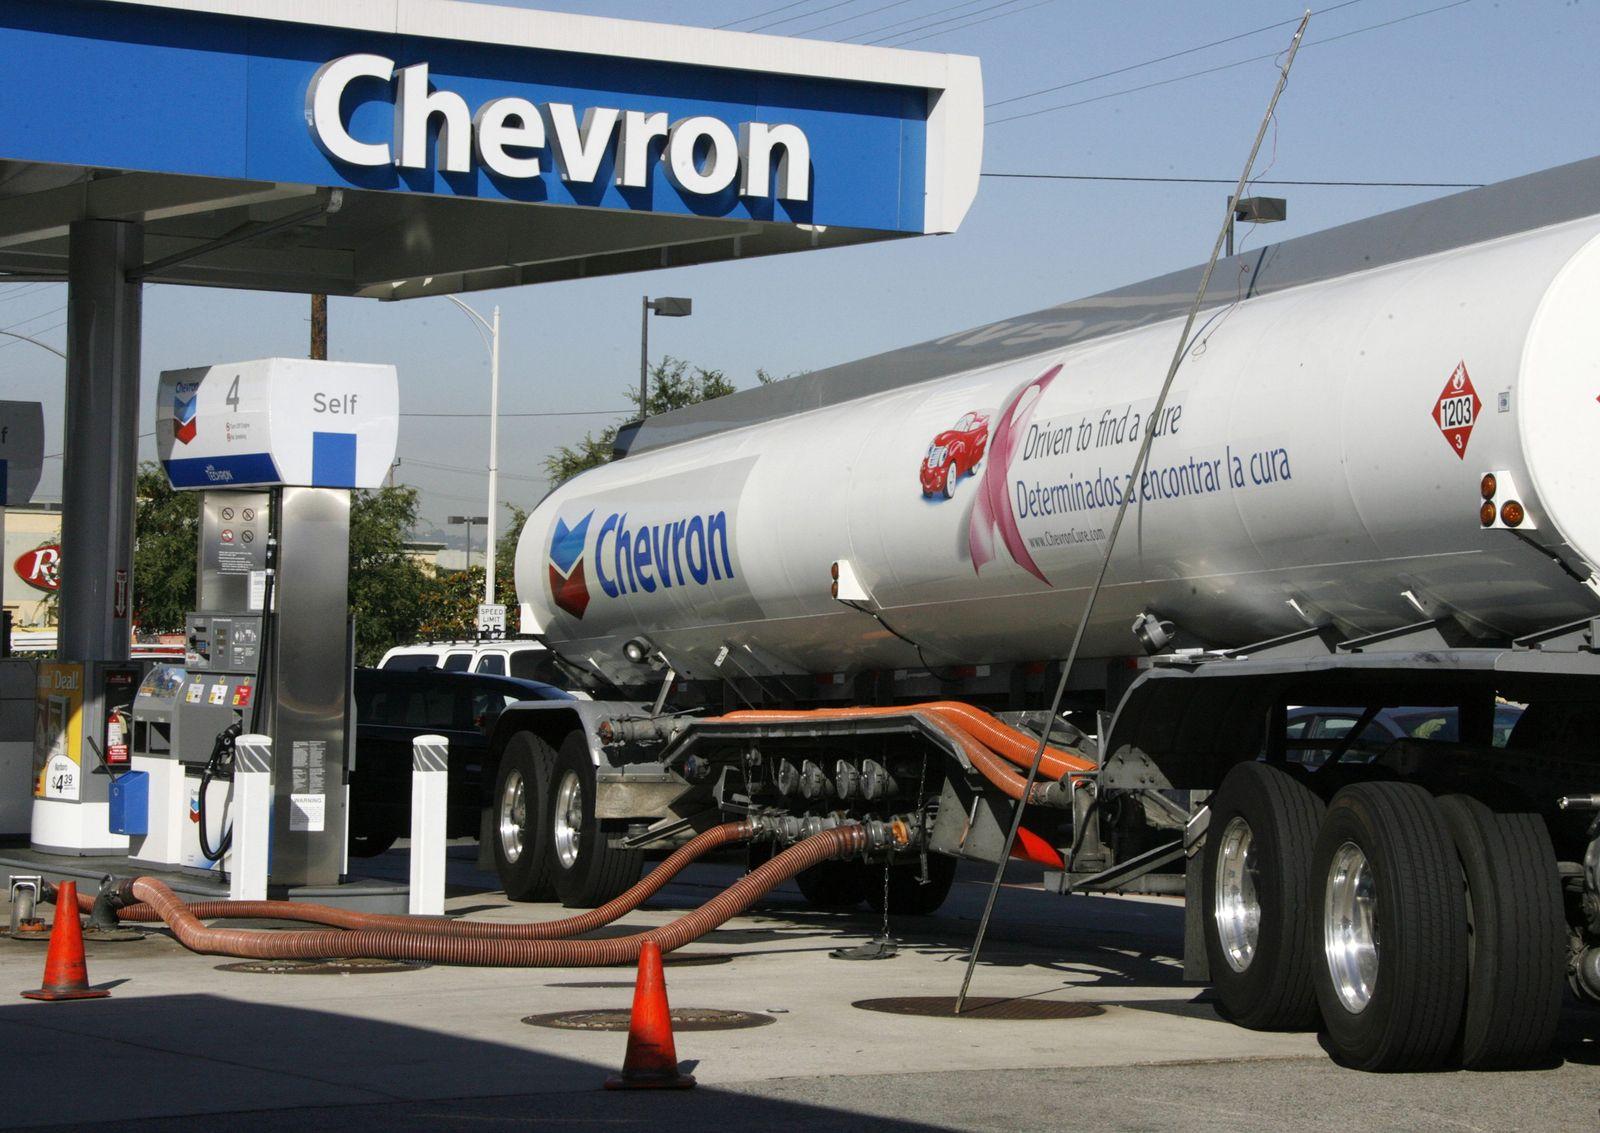 Chevron / Öl / Tankstelle / Tanklaster